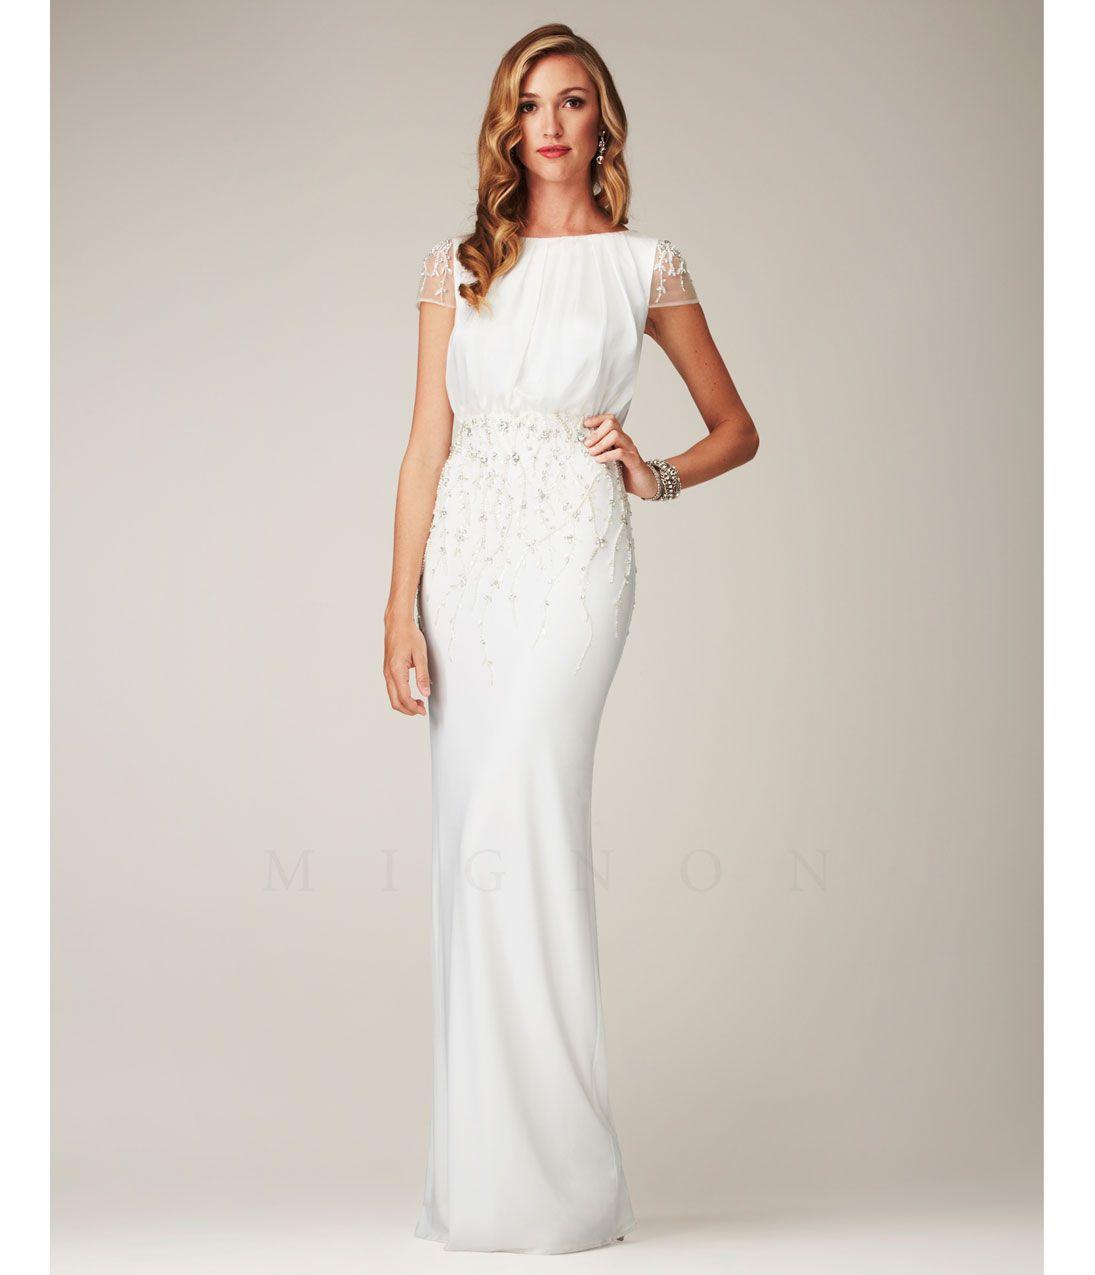 1930s Evening Dress, Art Deco Gown, Party Dress | Dress formal ...